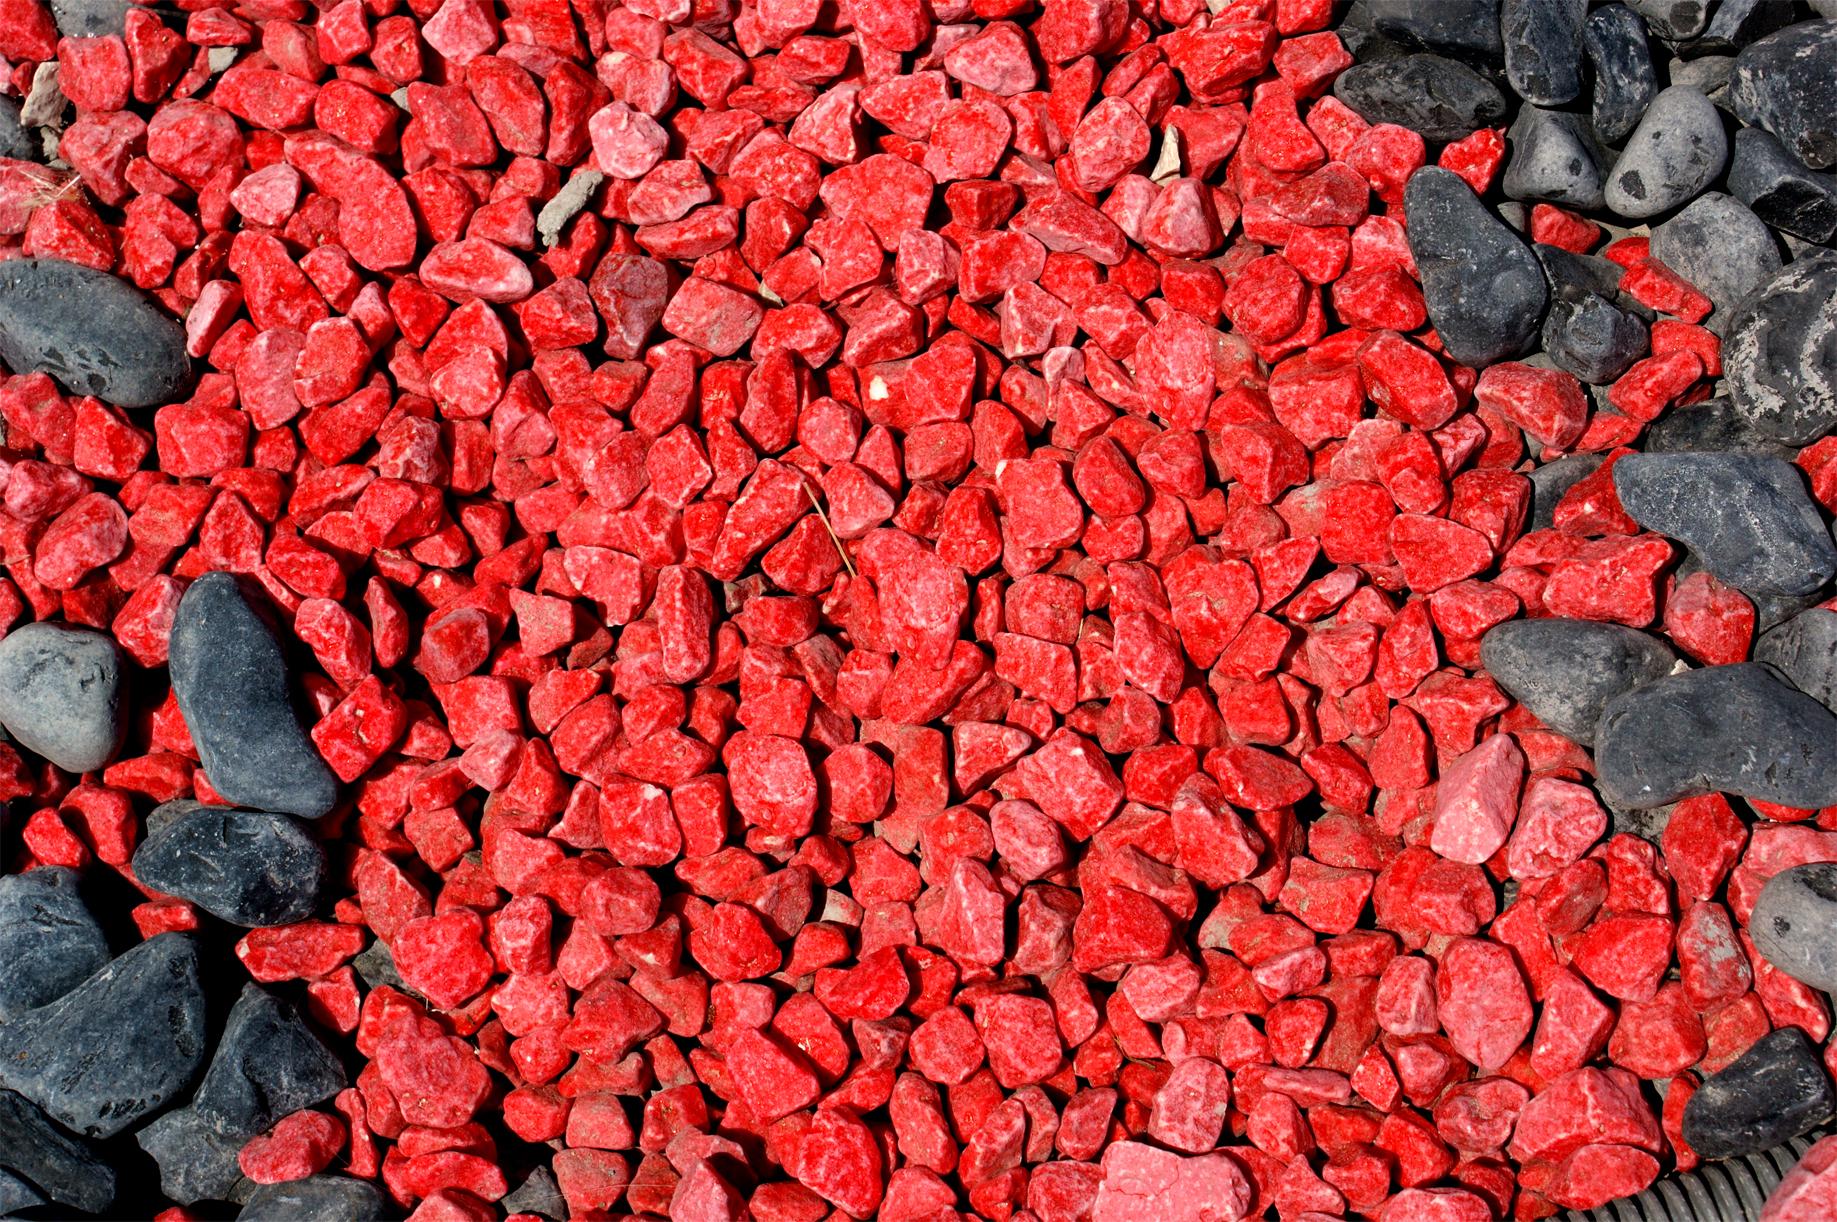 Galets rouges pour décoration extérieure aix en provence gardanne meyreuil simiane